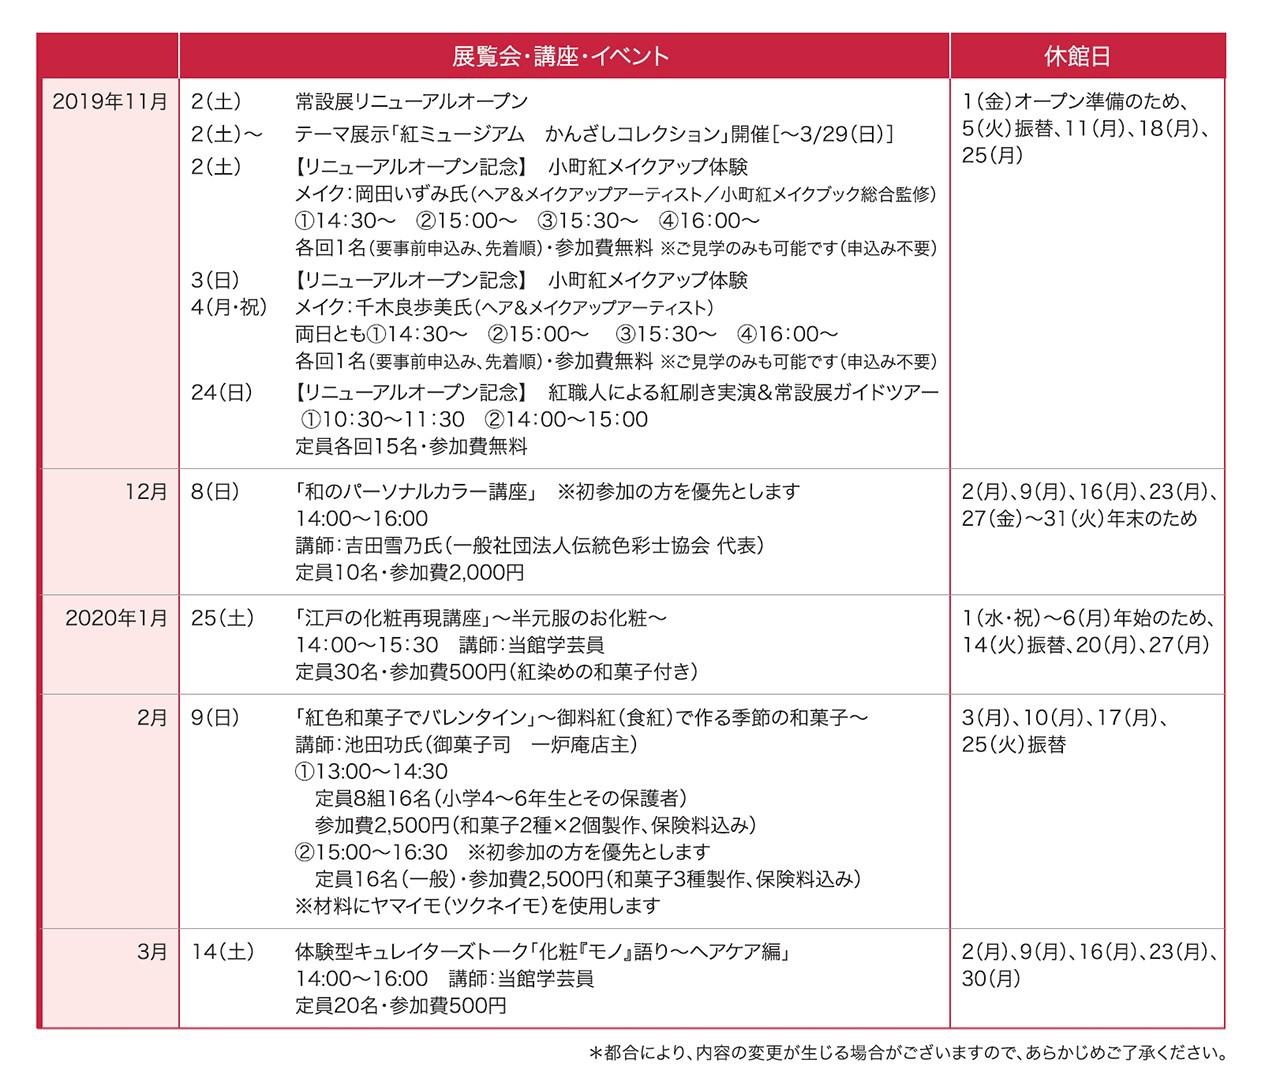 紅ミュージアム カレンダー